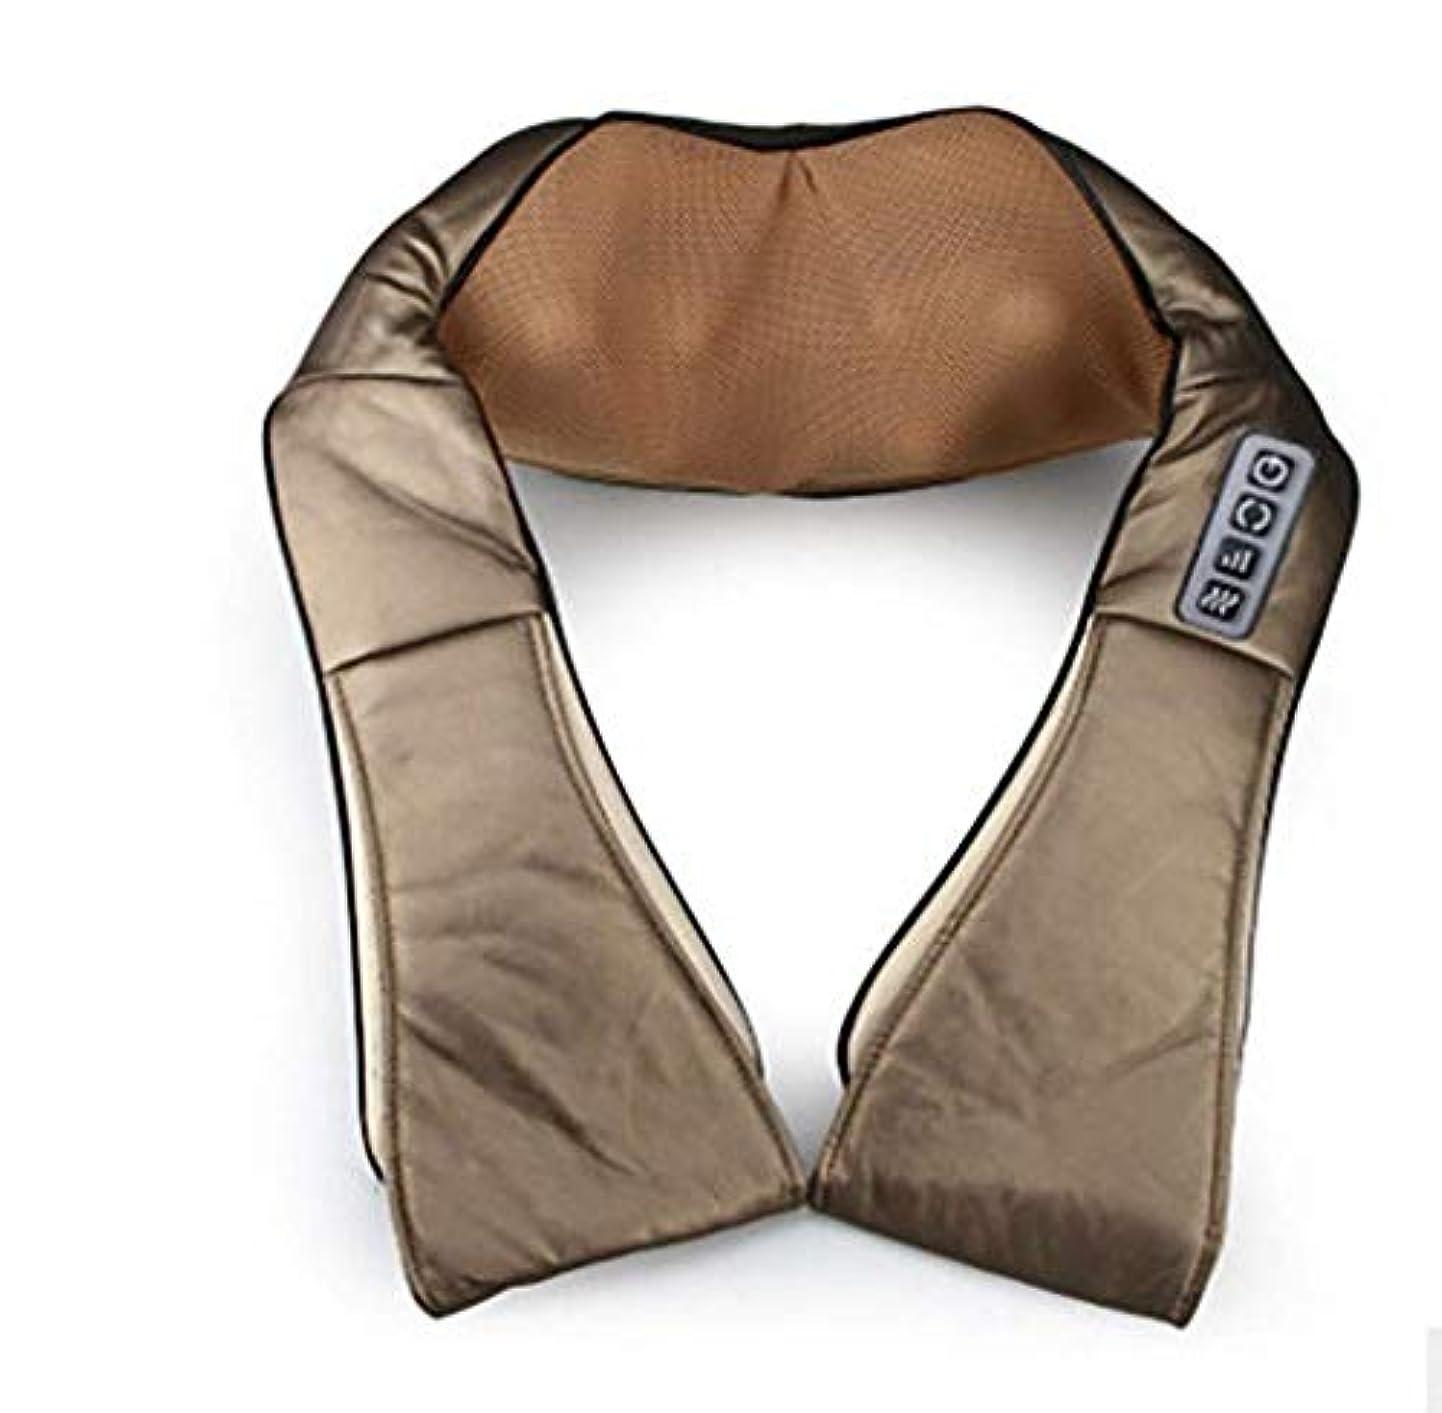 印刷するトリプルリスネックマッサージャー、子宮頸マッサージ、U字型/赤外線/スマート/ 4Dフィンガープレス/混練マッサージ、首の筋肉をリラックスには、痛みを和らげます (Color : Brown, Size : 4keys)